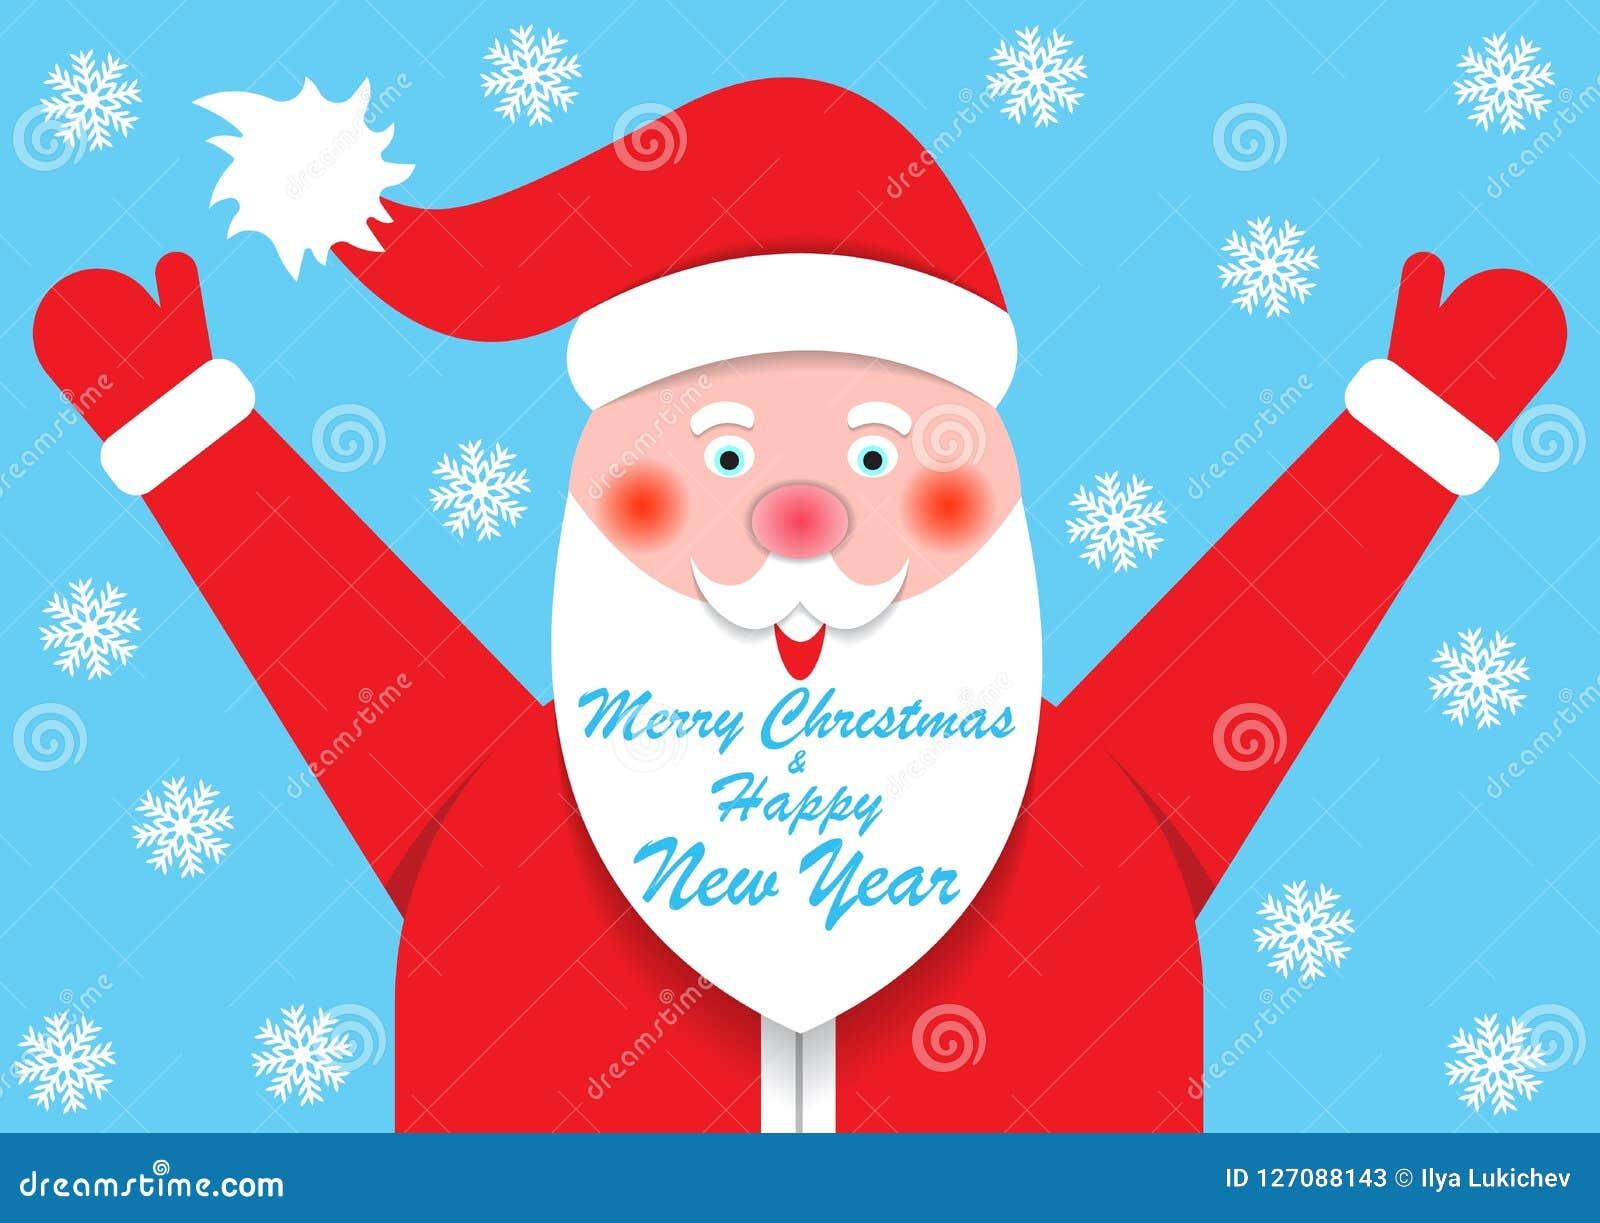 Приветствия с Рождеством Христовым и Нового Года, шаблон, открытка, знамя